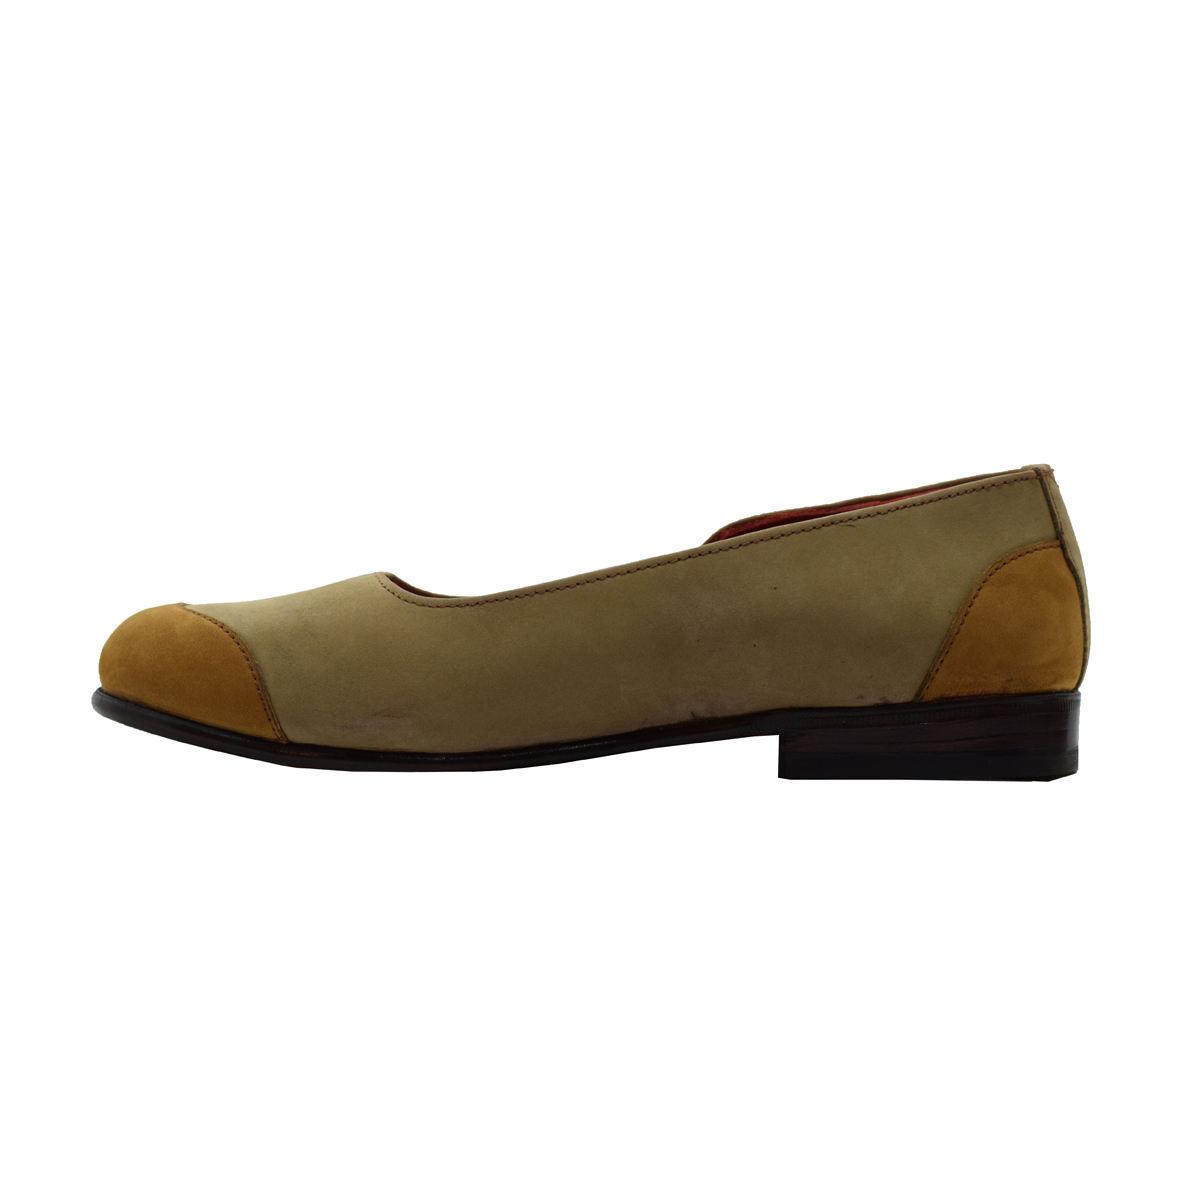 کفش زنانه دگرمان مدل آرام کد deg.1ar1105 -  - 7